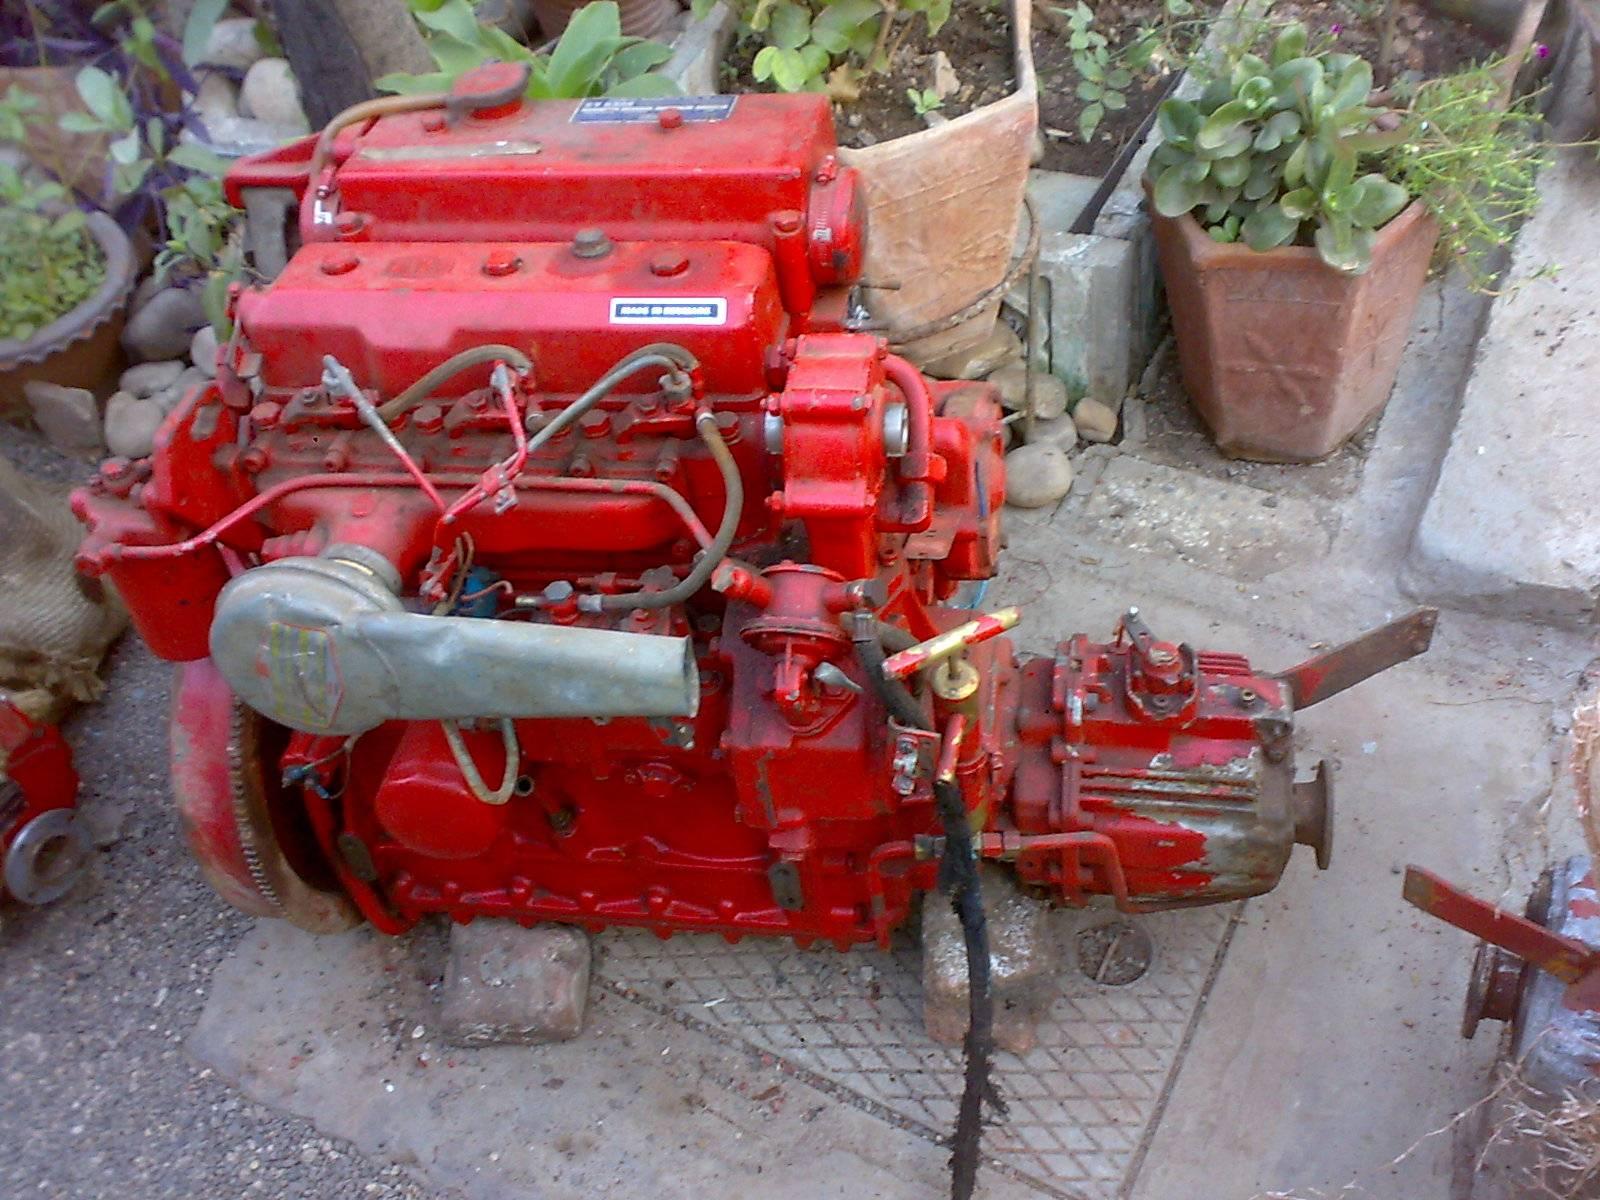 Bukh DV 36 Boat Engine